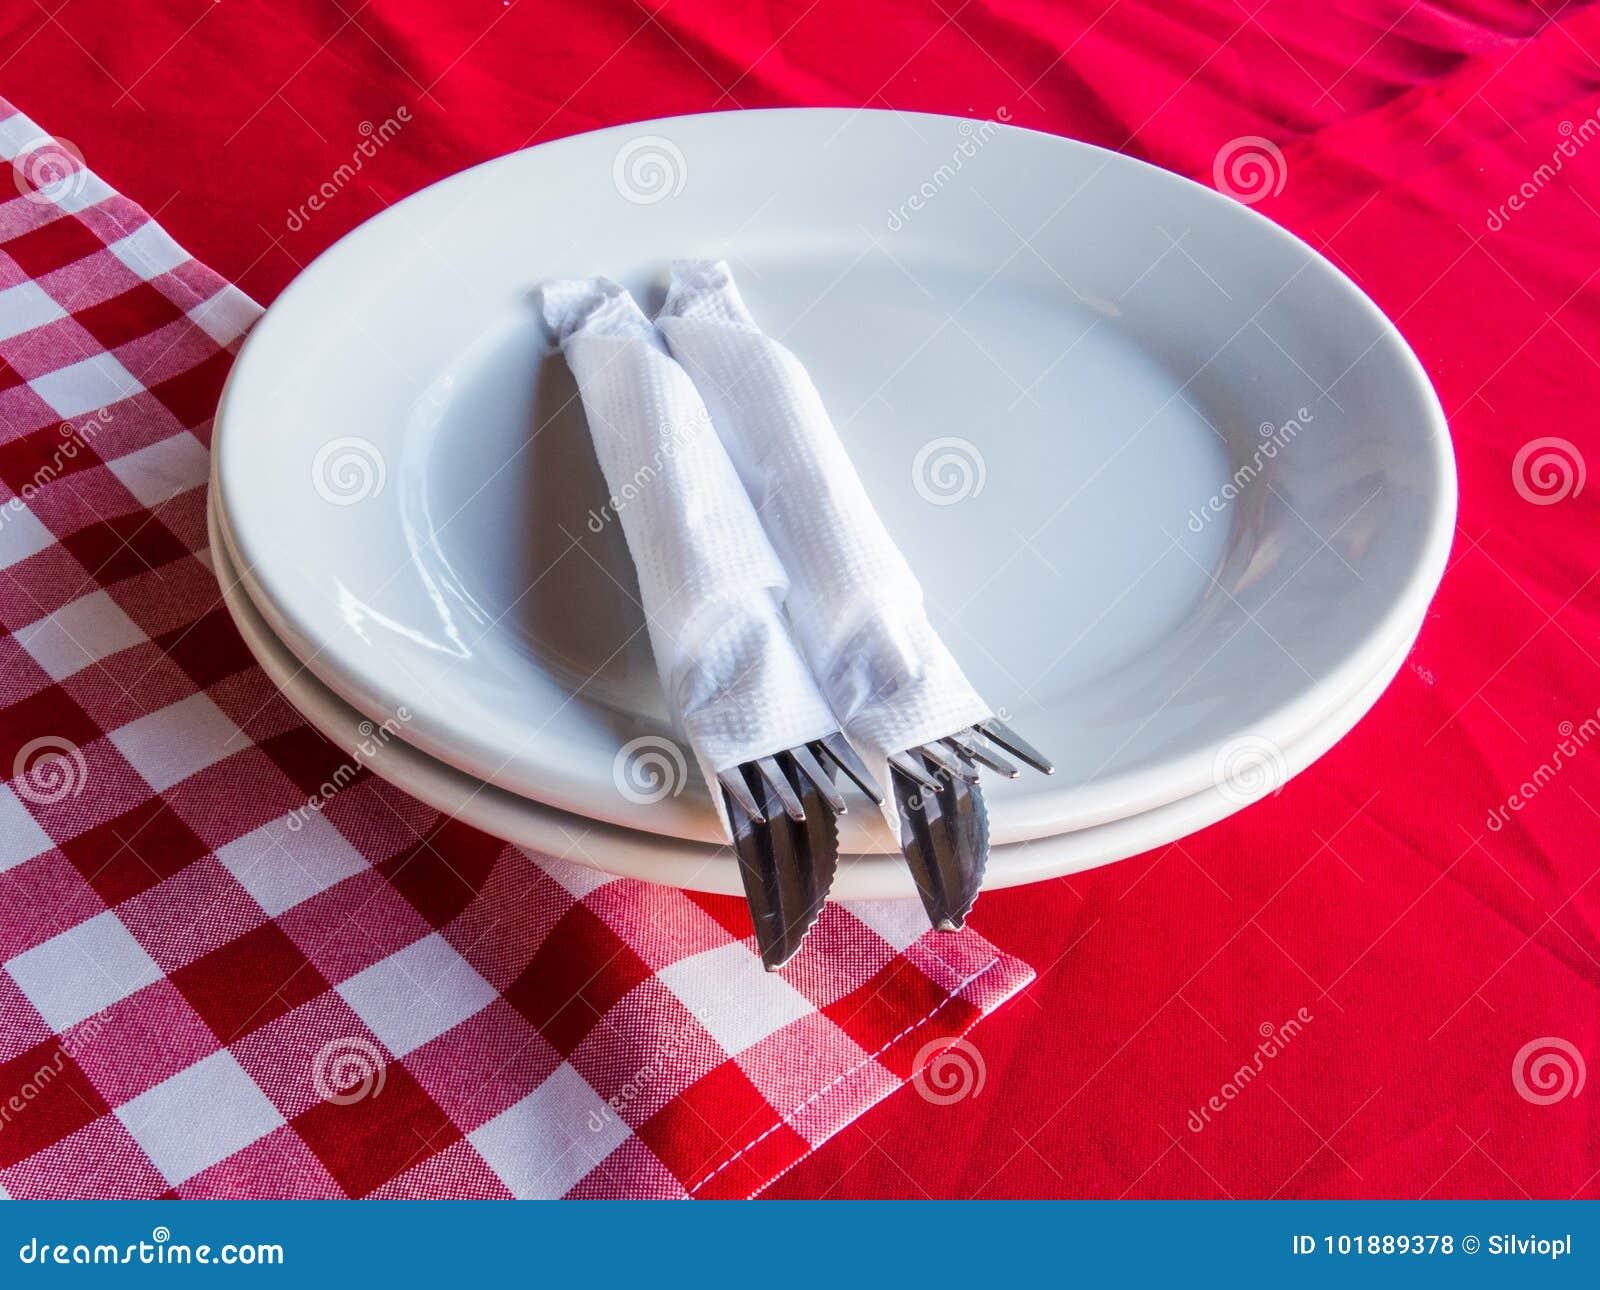 Czekający gościa restauracji, naczynia i cutlery czyścili na czerwonych ręcznikach